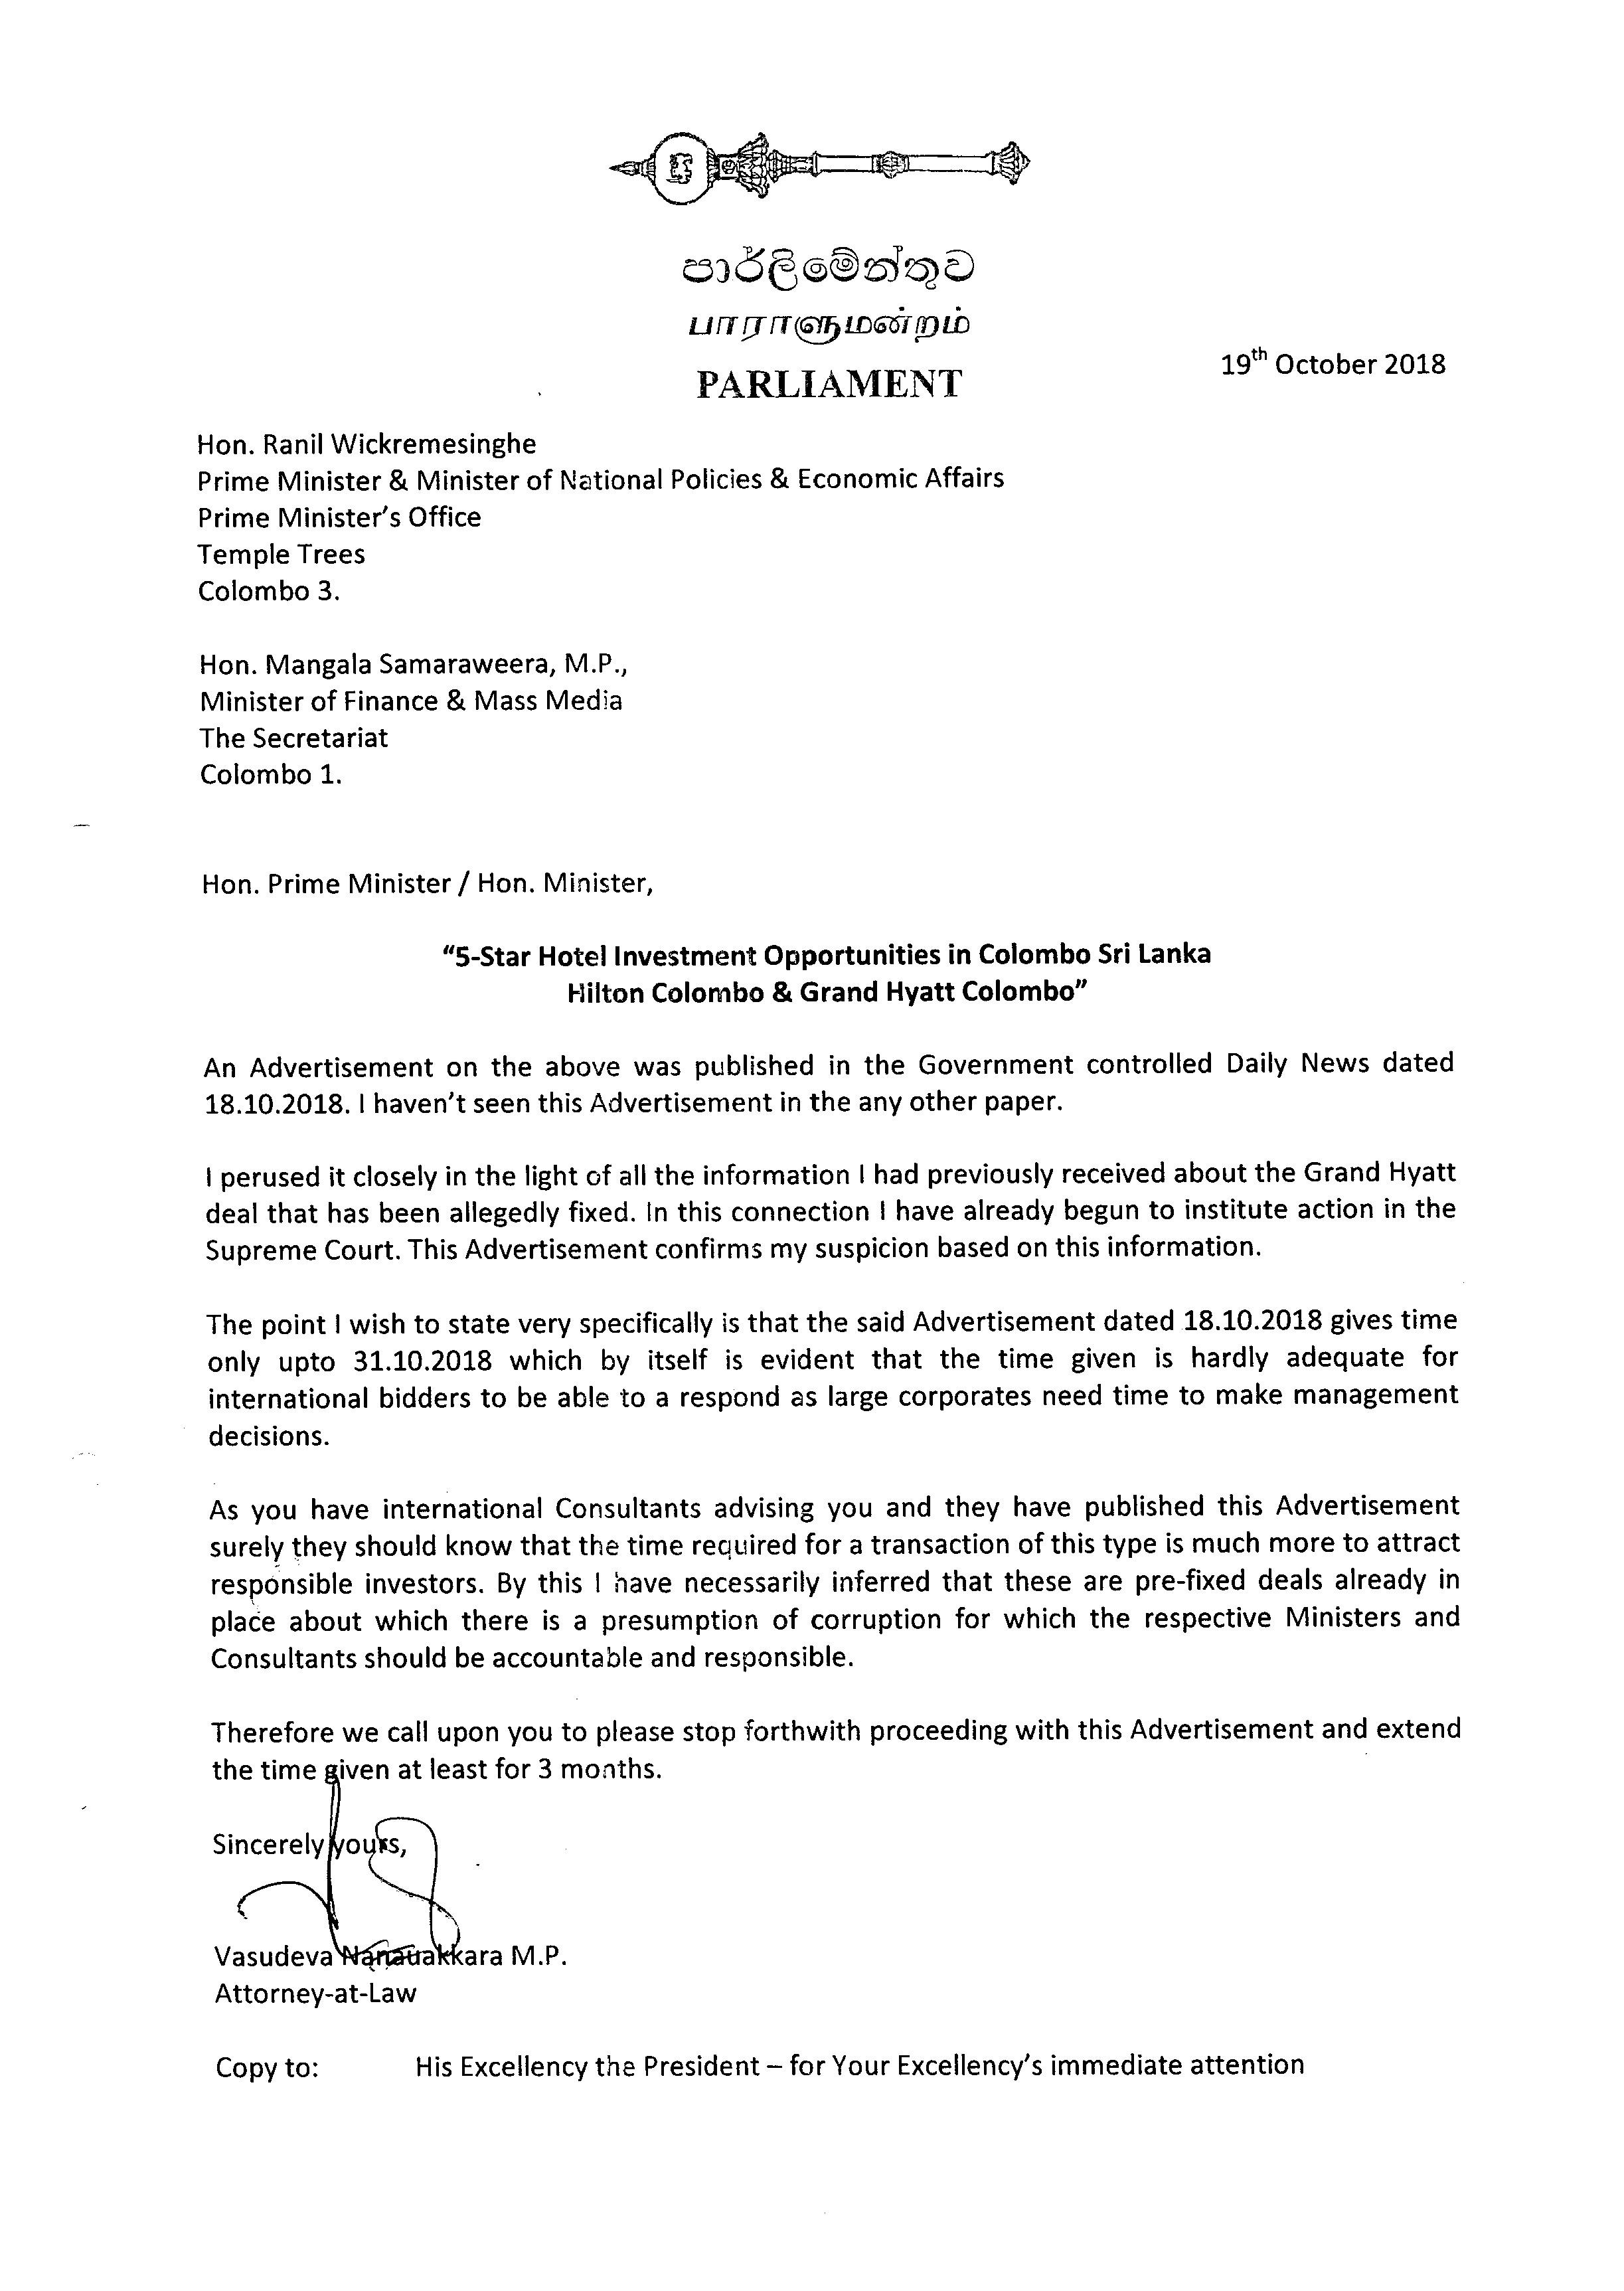 Letter to Prime Minister & Finance Minister